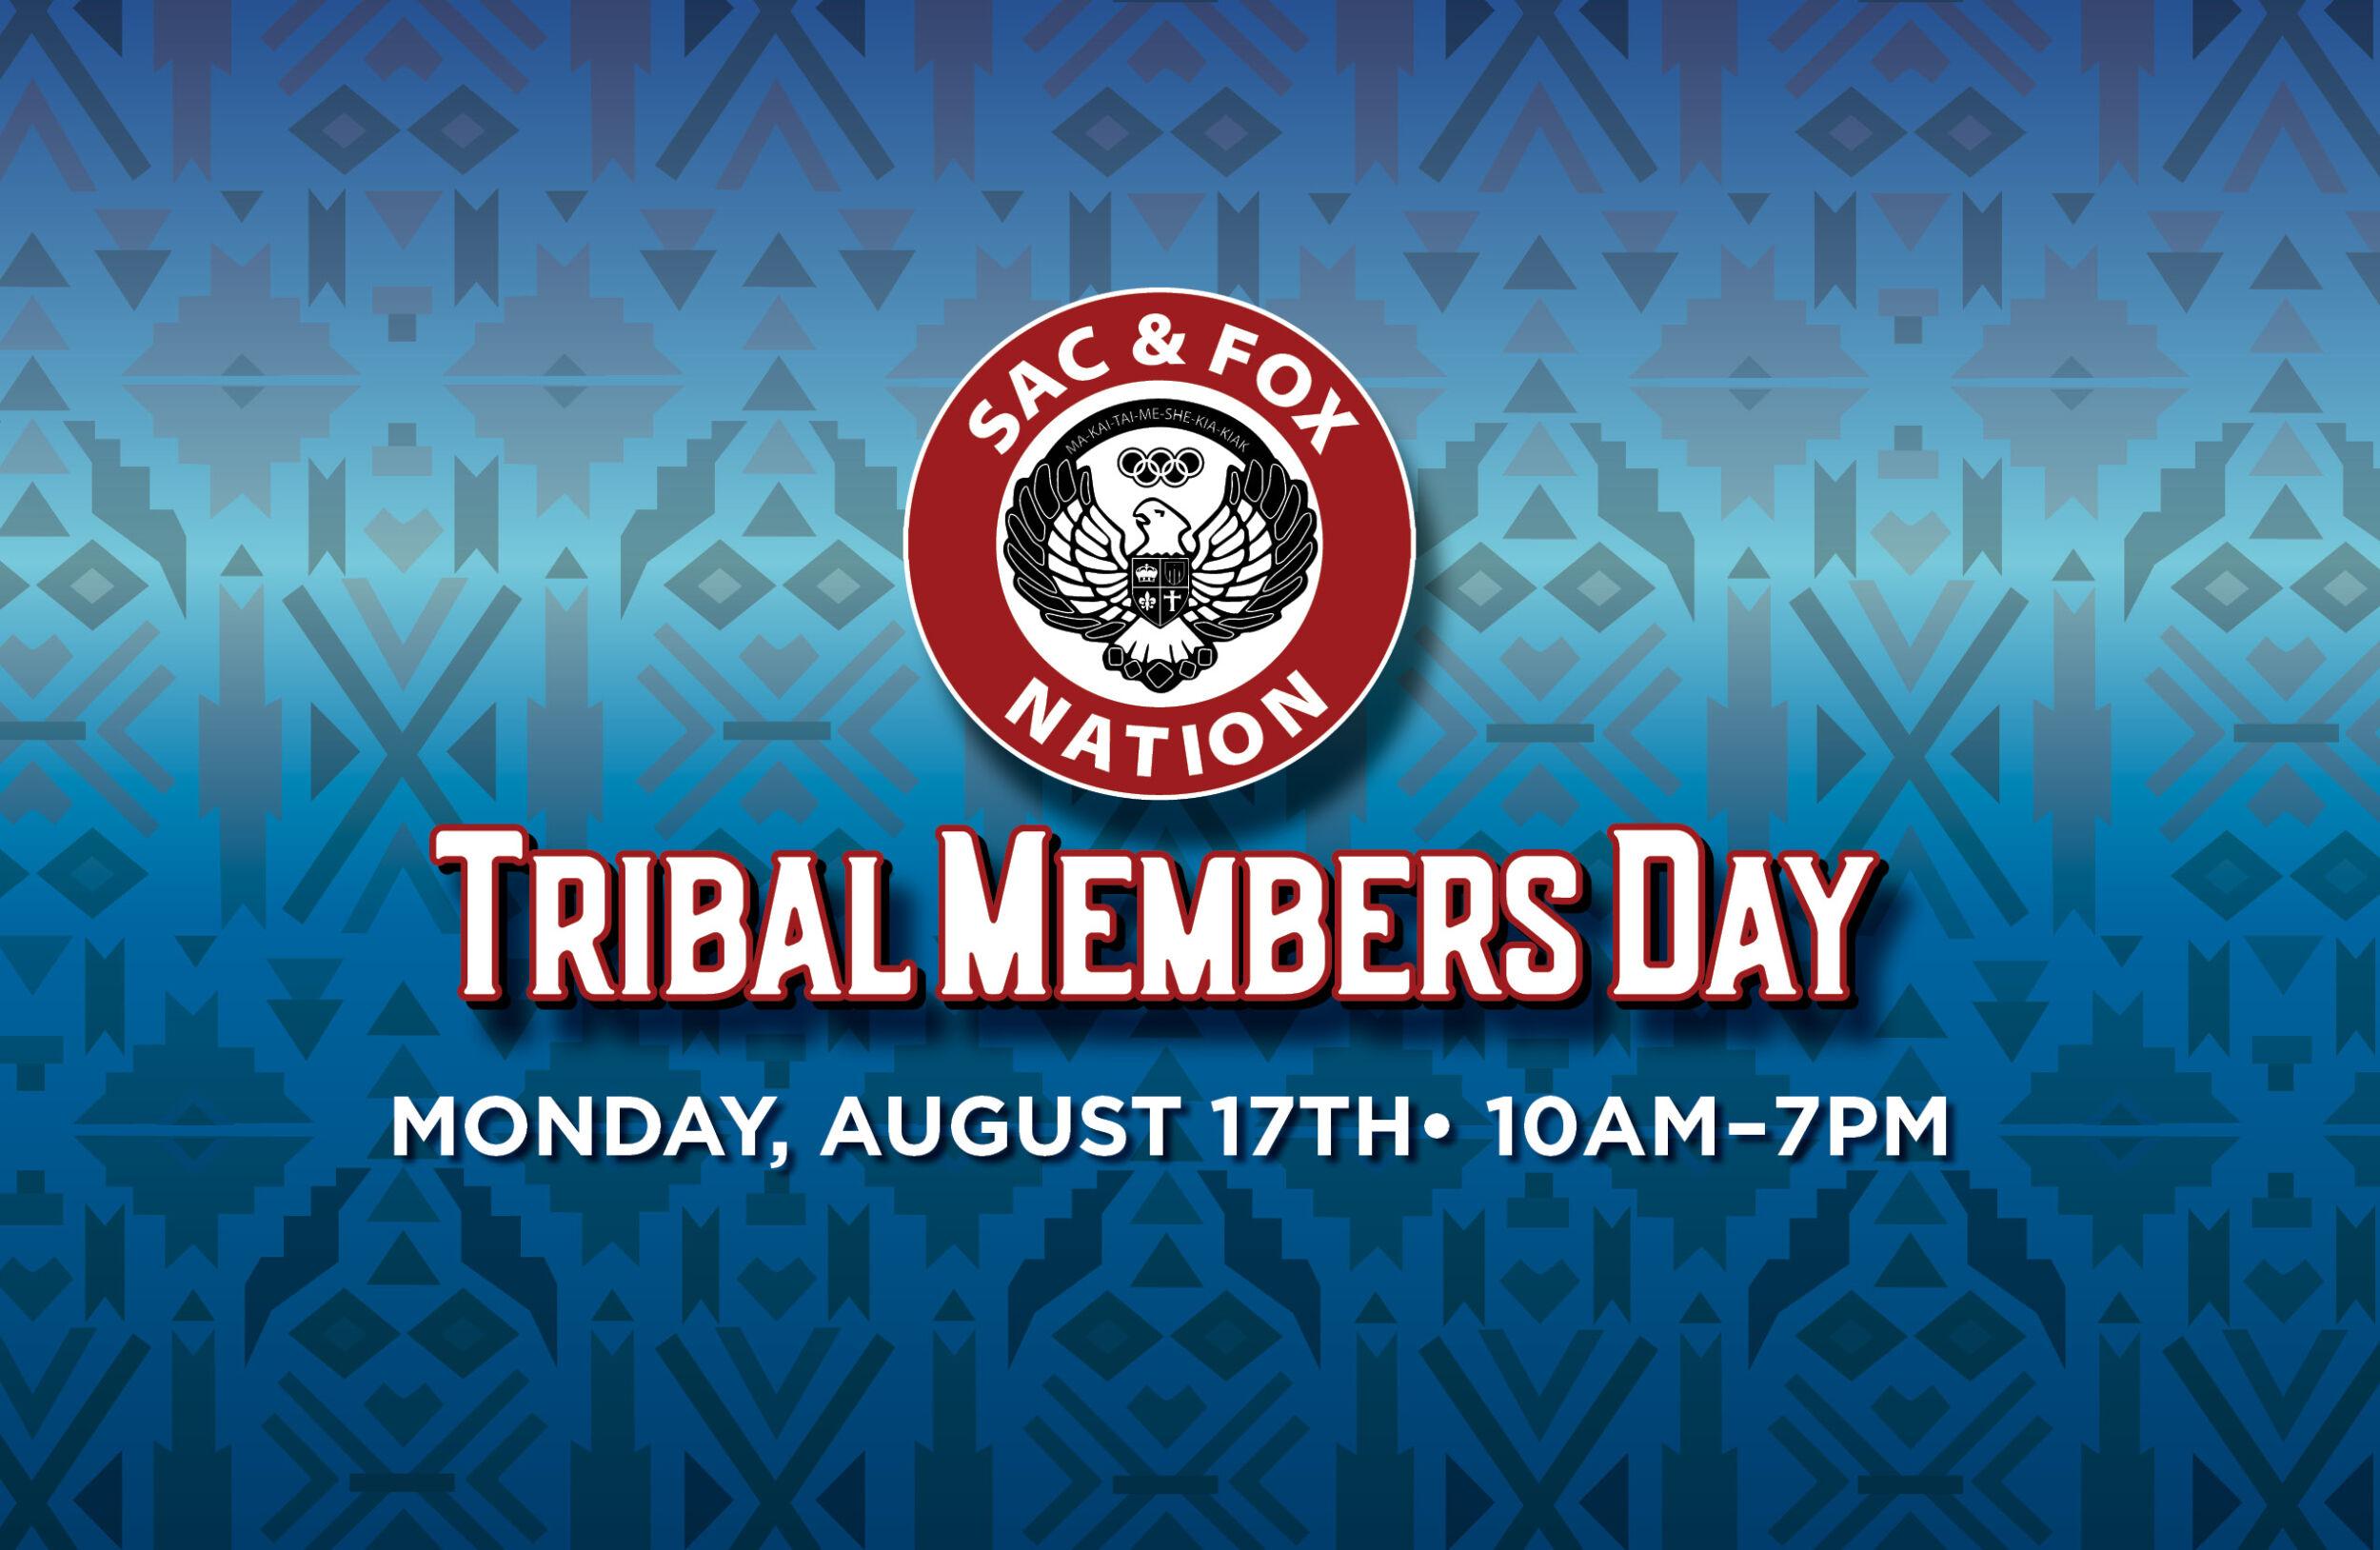 20-BHC-061 Digital Ads_TribalMember_2550x1661